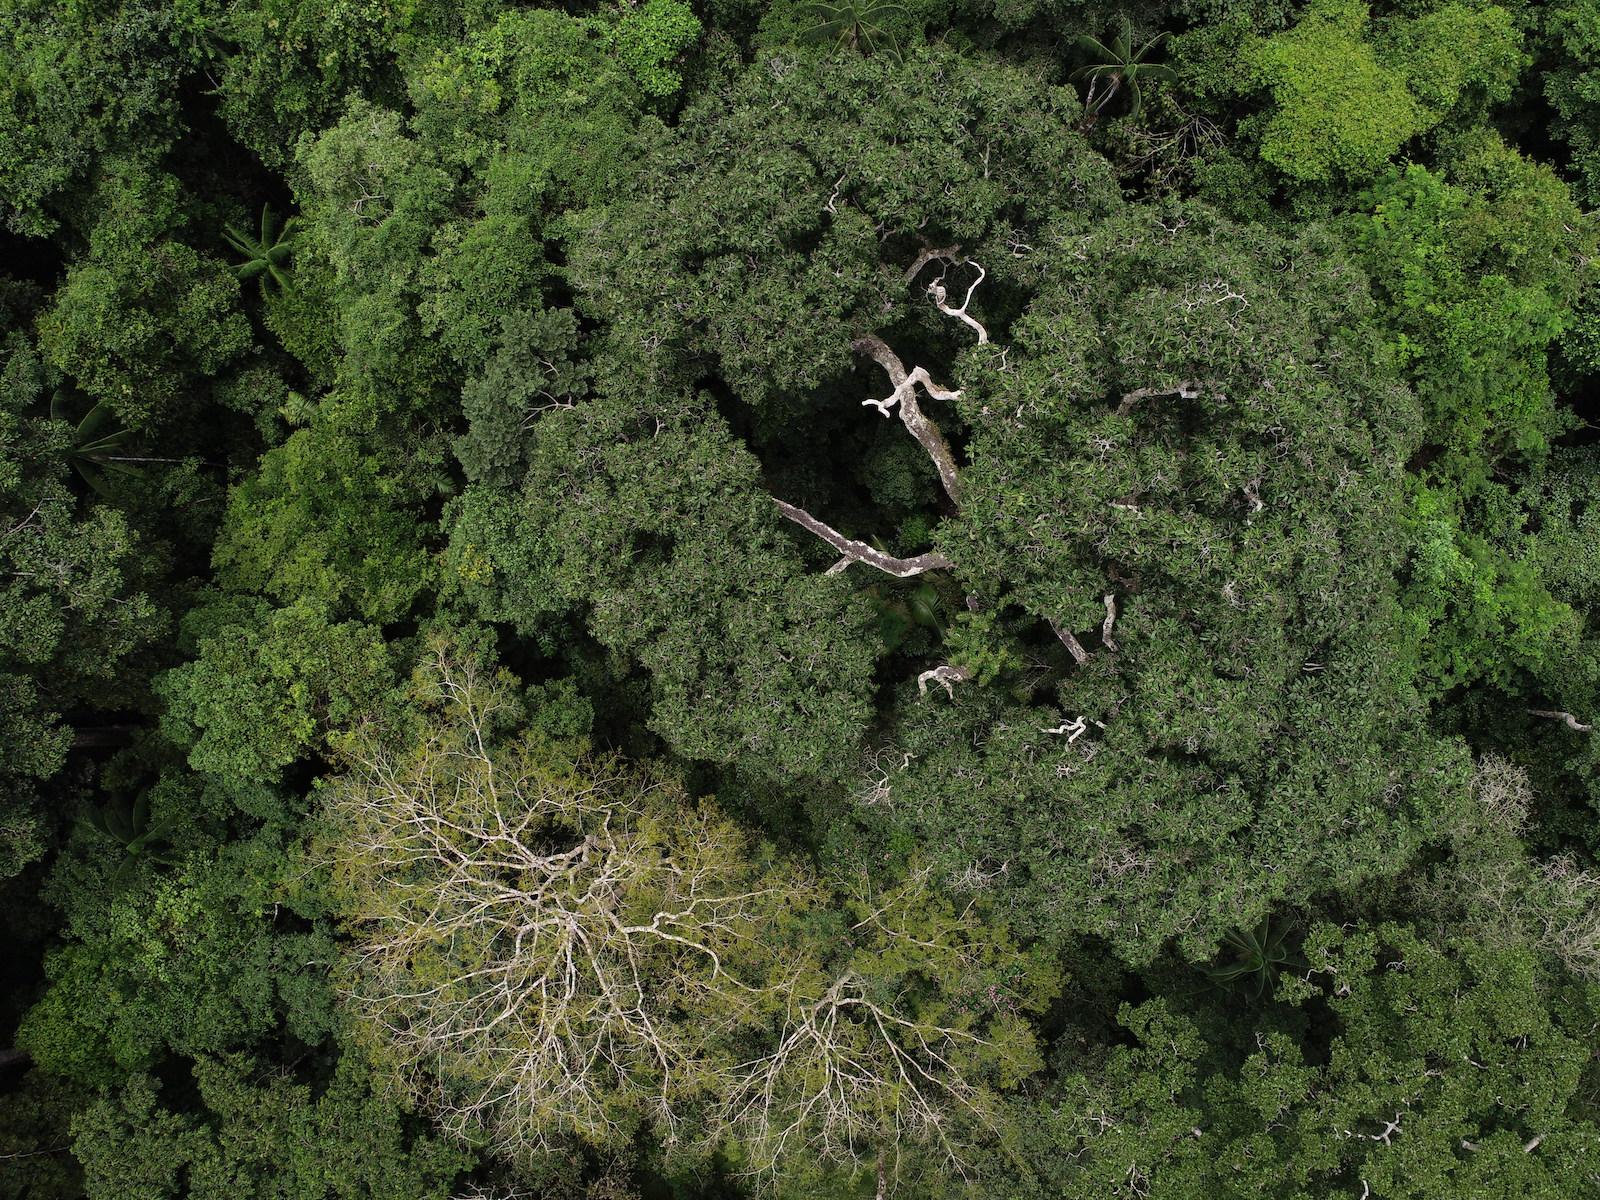 Árboles de castaña registrados por el proyecto Aerobotany en área colindante con Tambopata. Foto: AmazonWired /San Diego Zoo Global.